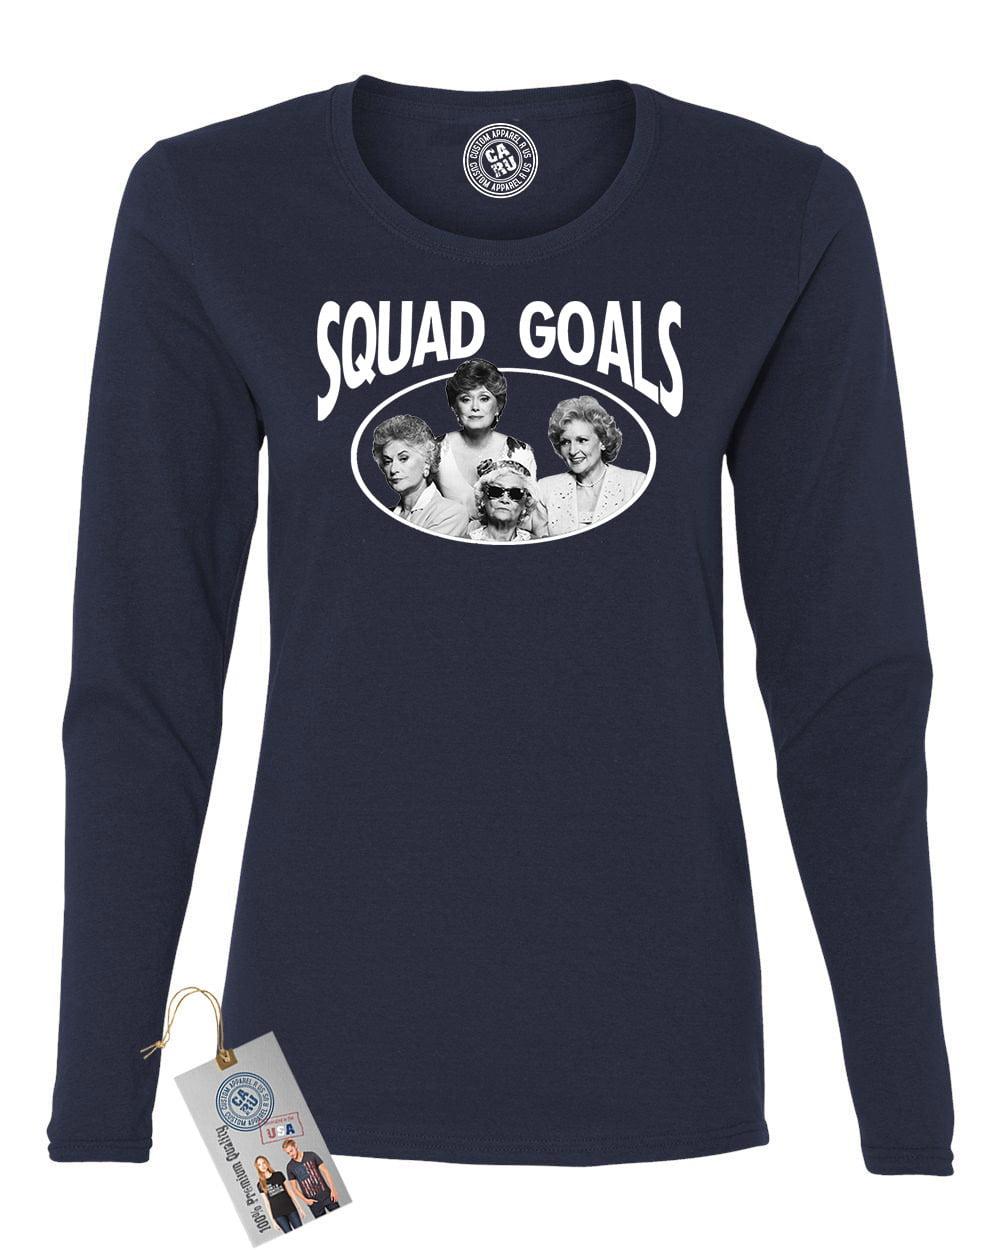 Golden Girls TV Show Squad Goals Womens Long Sleeve Shirt